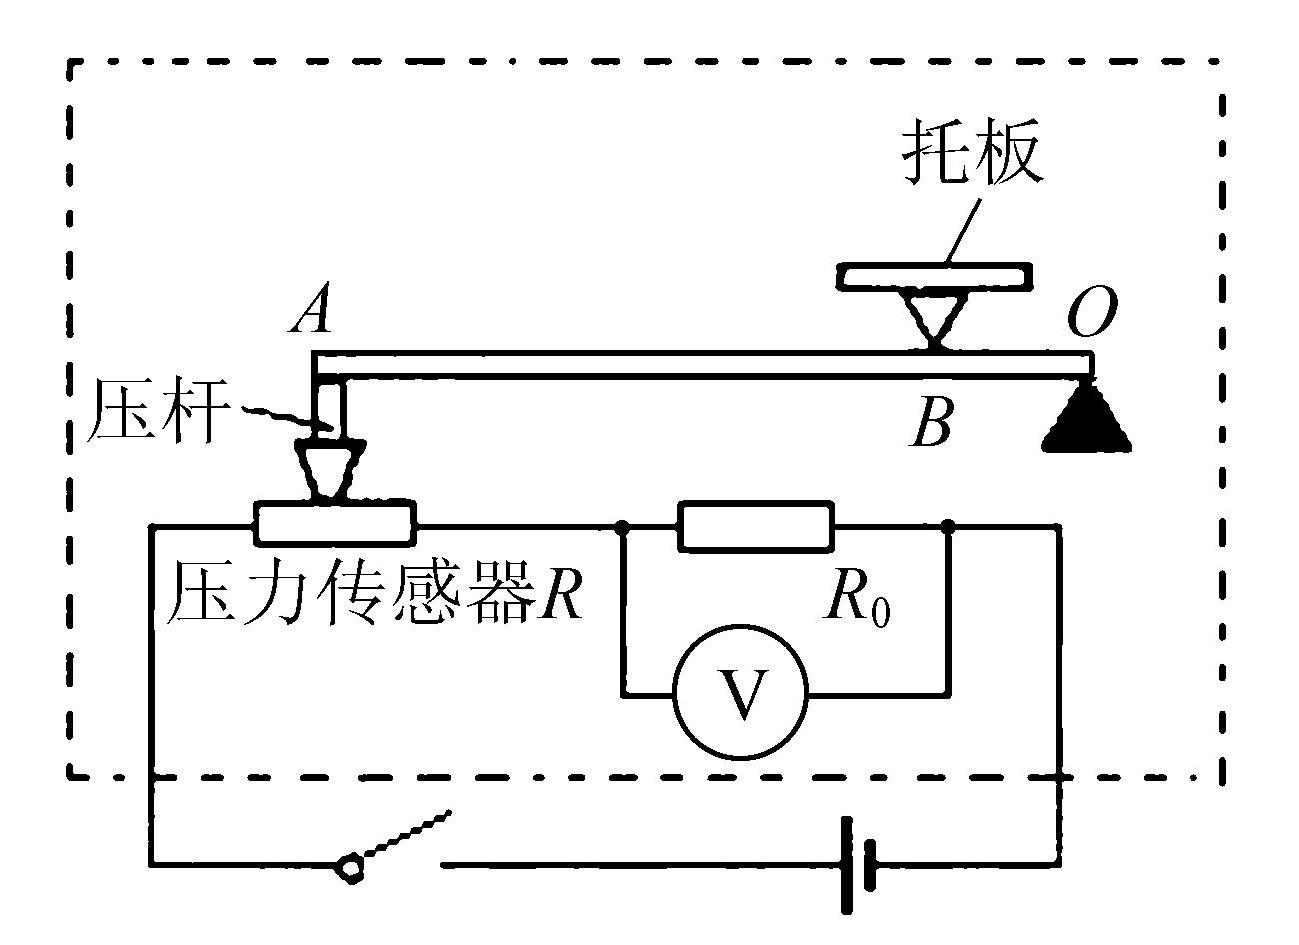 22.物理兴趣小组在课外活动中.制作了一个测量质量的电子秤.其原理如图8中的虚线框所示.它主要有四部分构成:托板和压力杠杆ABO.135的定值电阻R0.压力传感器R(电阻值会随所受压力大小发生变化的可变电阻).显示质量大小的仪表V.其中AB:BO=4:1.且已知压力传感器R的电阻与所受压力F变化的关系如下表所示.